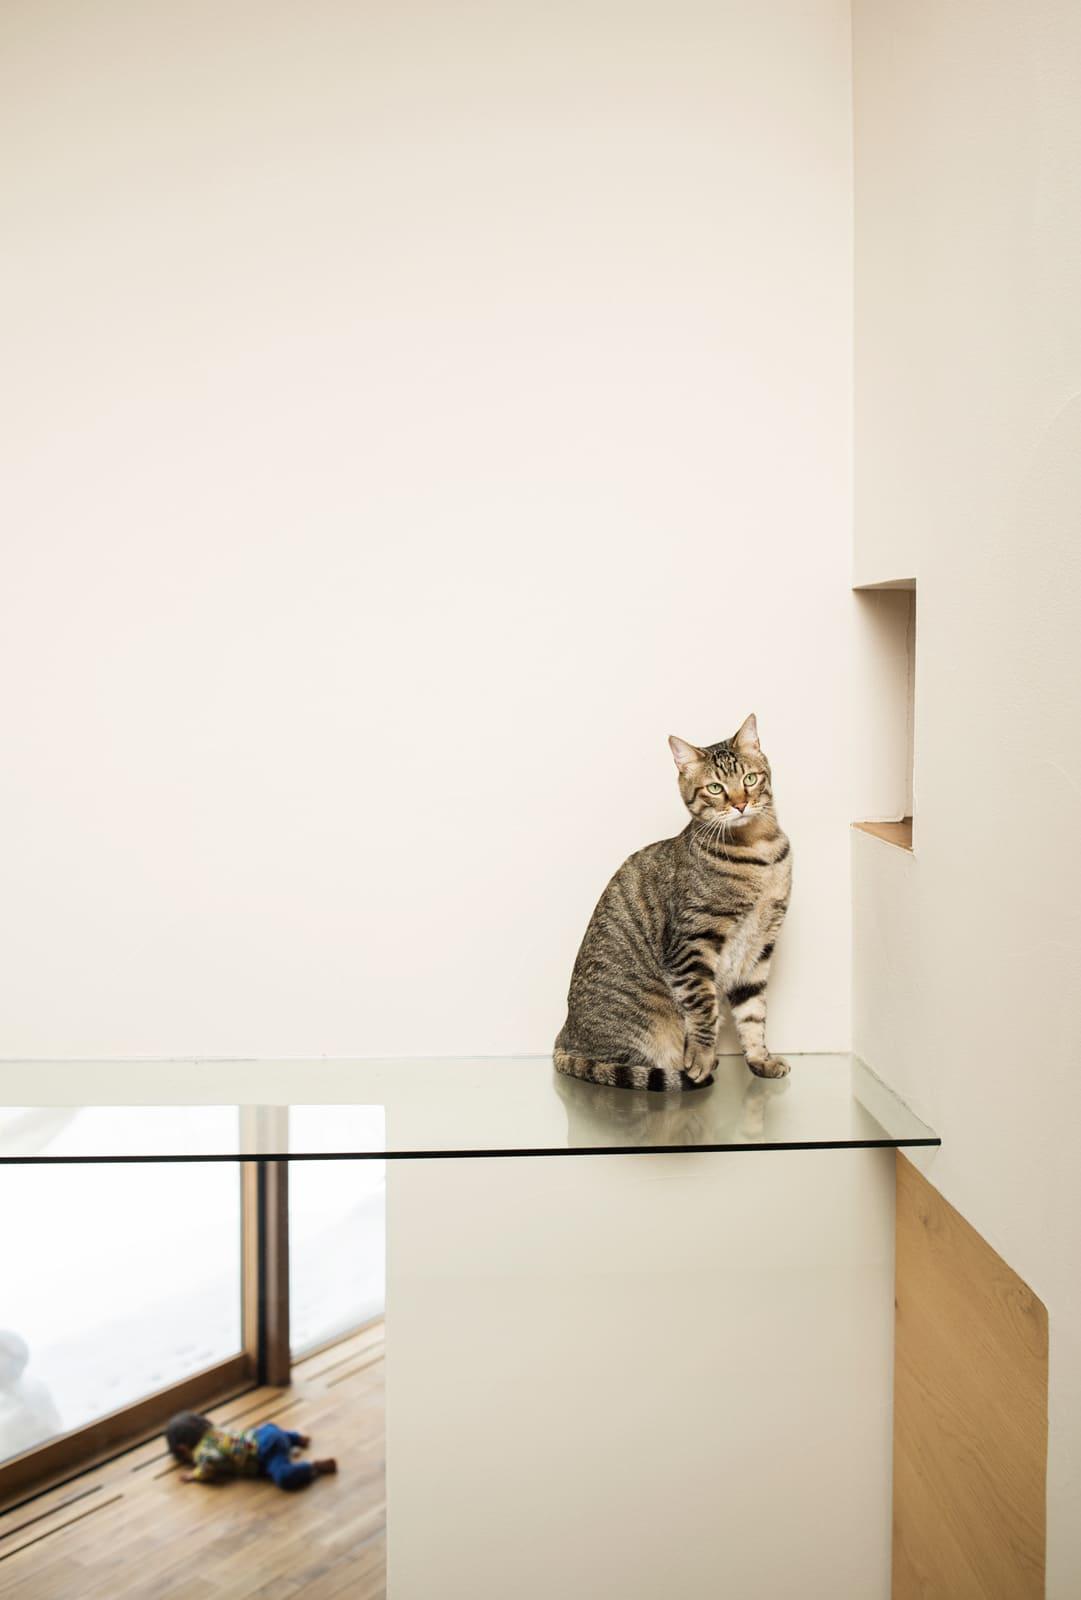 猫裏観察が楽しめるガラスのキャットウォーク。小さな出入り口は主寝室につながっている